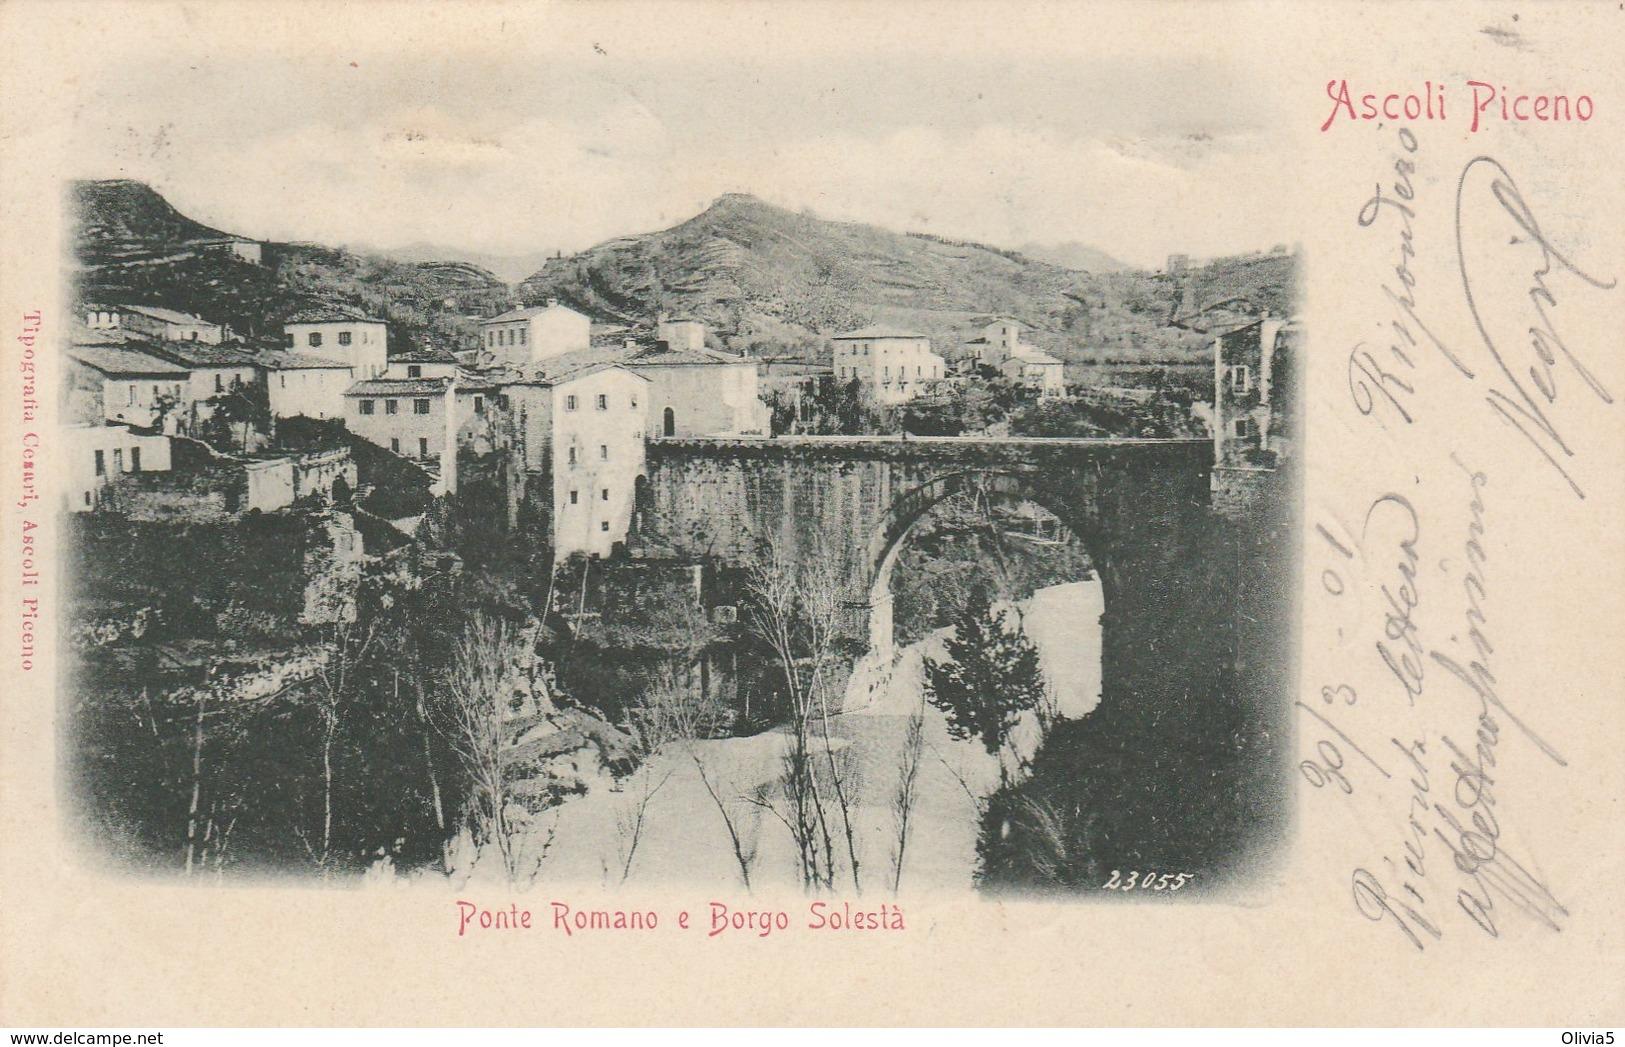 ASCOLI PICENO - PONTE ROMANO E BORGO SOLESTA' - Ascoli Piceno